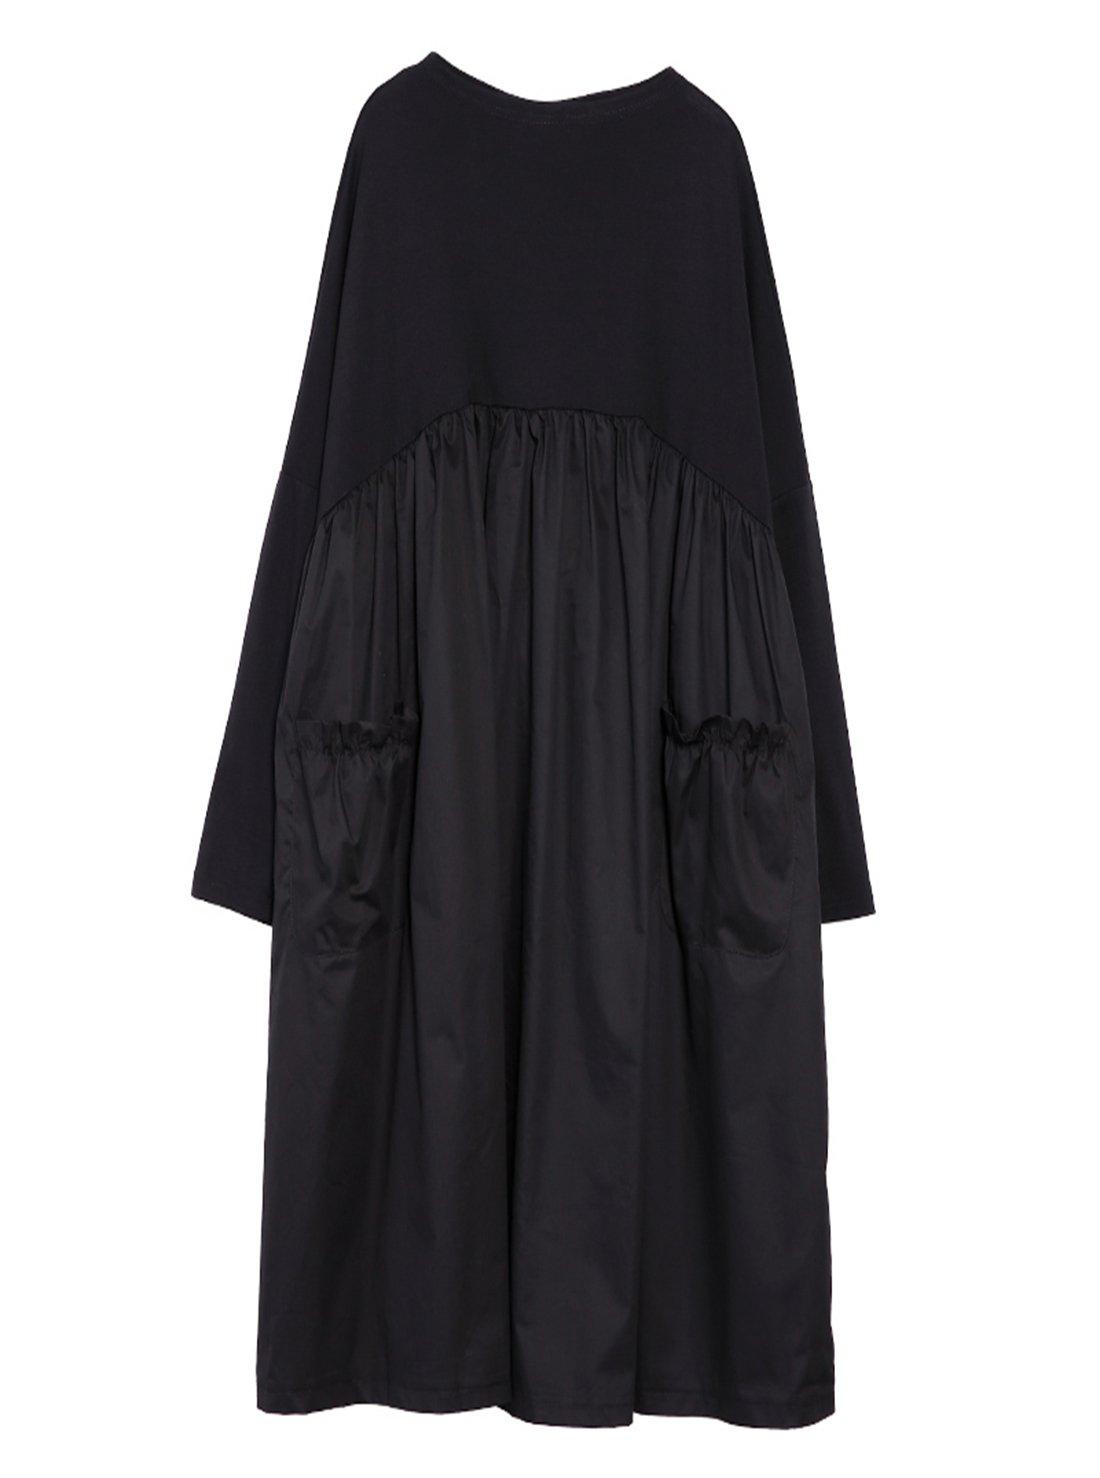 Long Sleeve Women Lady's Garment